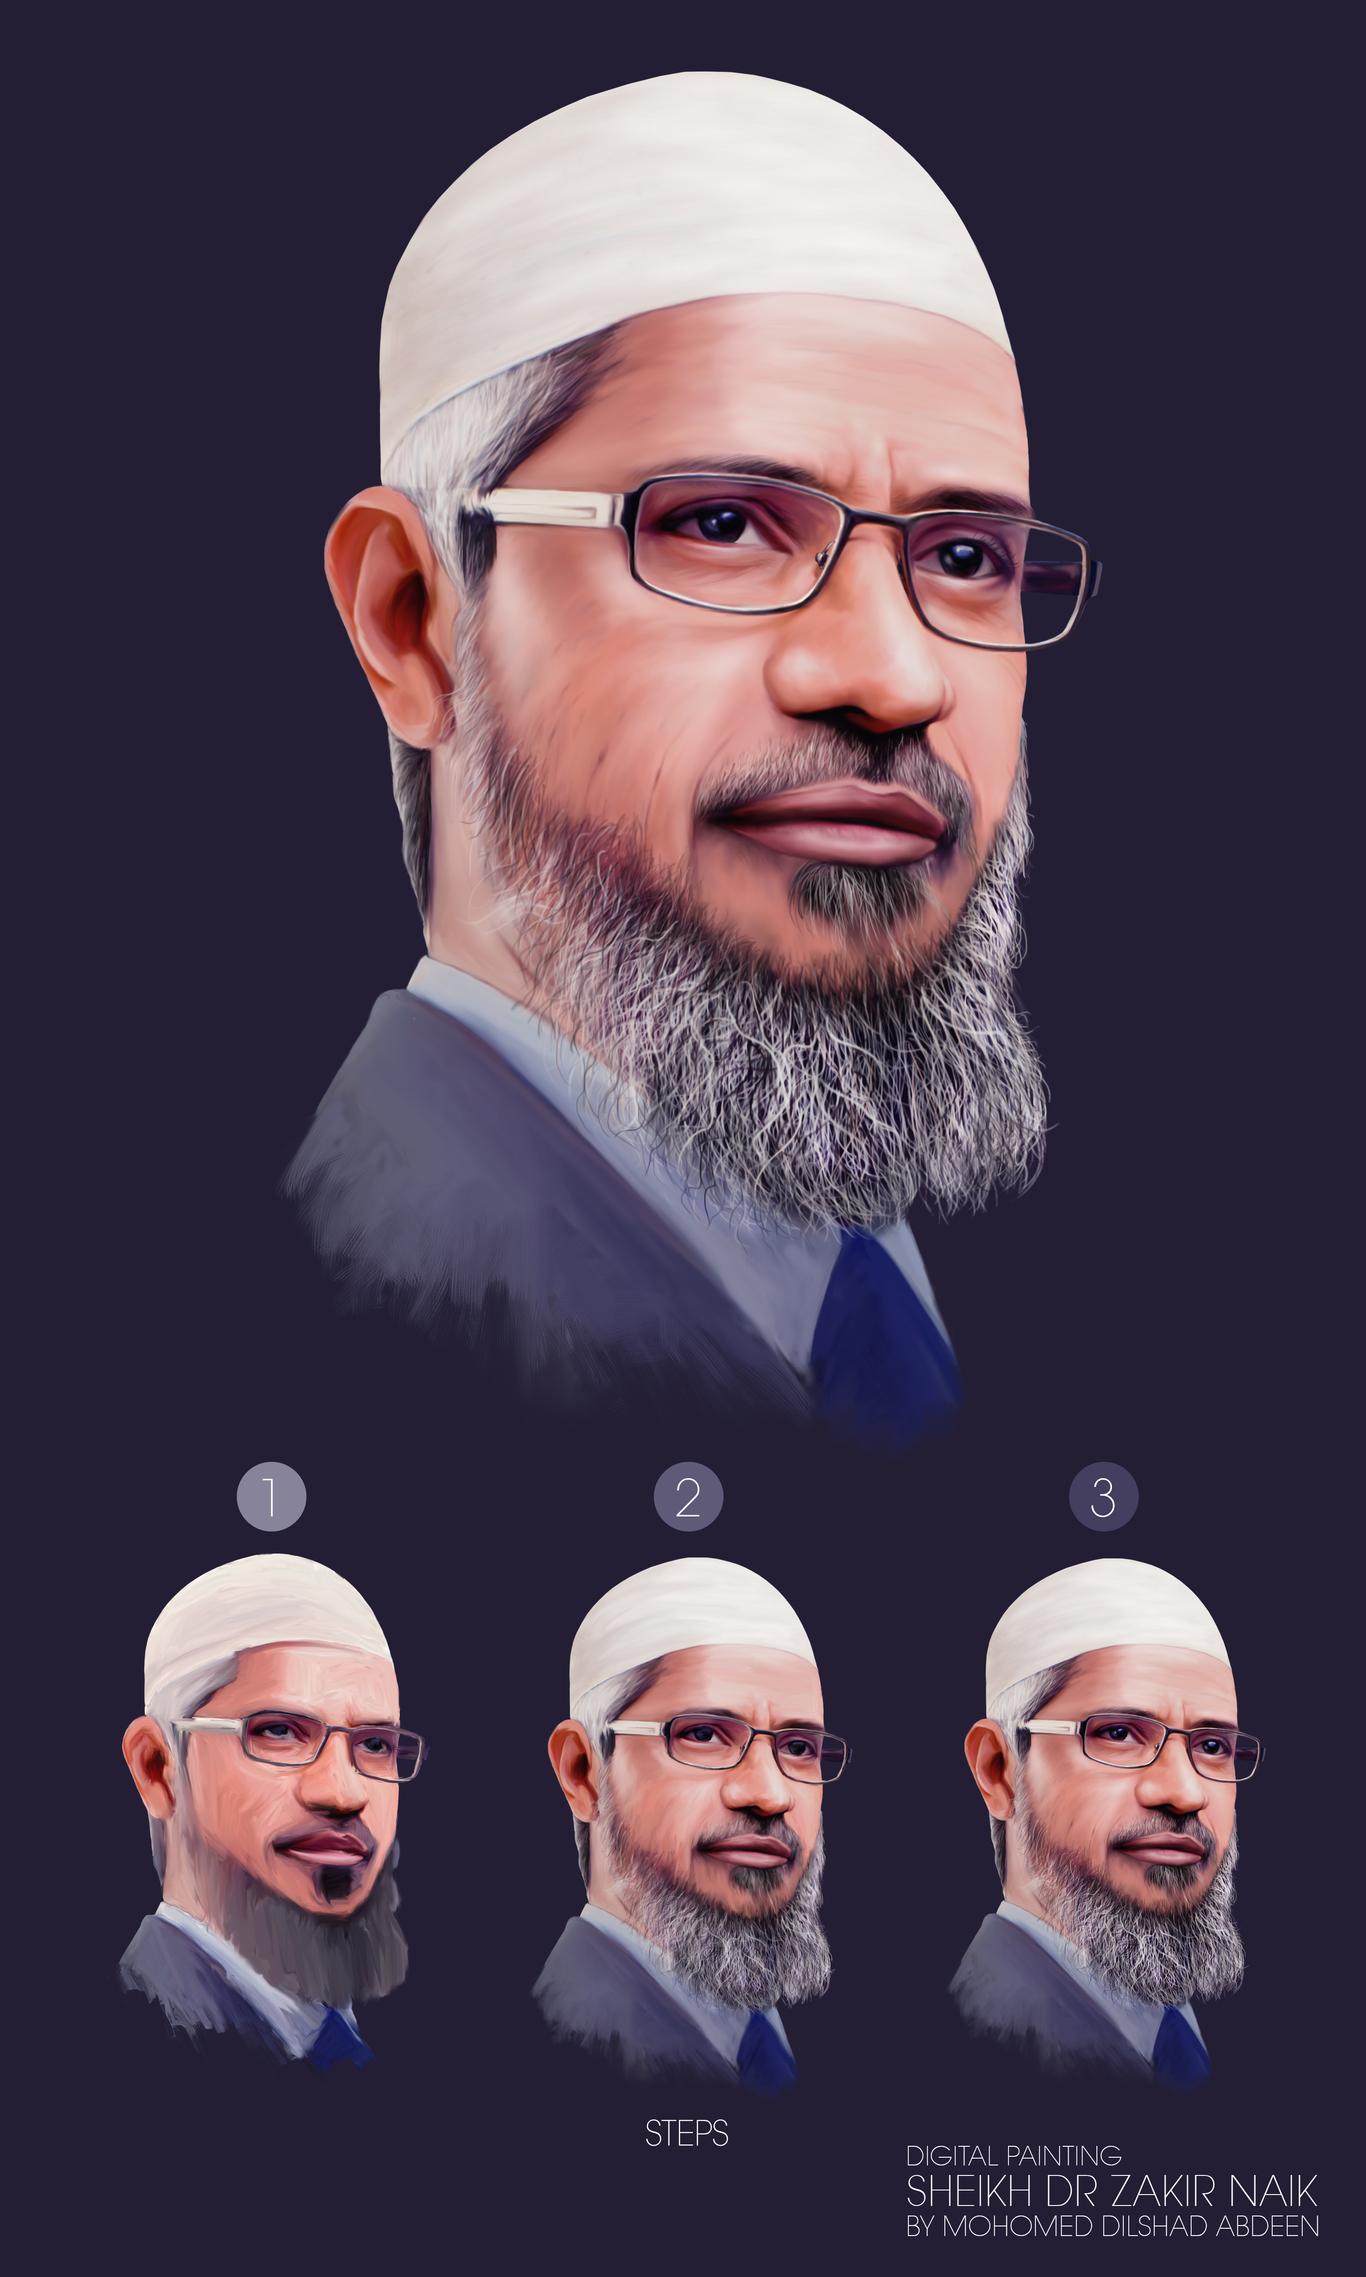 Dilshad sheikh dr zakir naik 1 ed43293b lq26